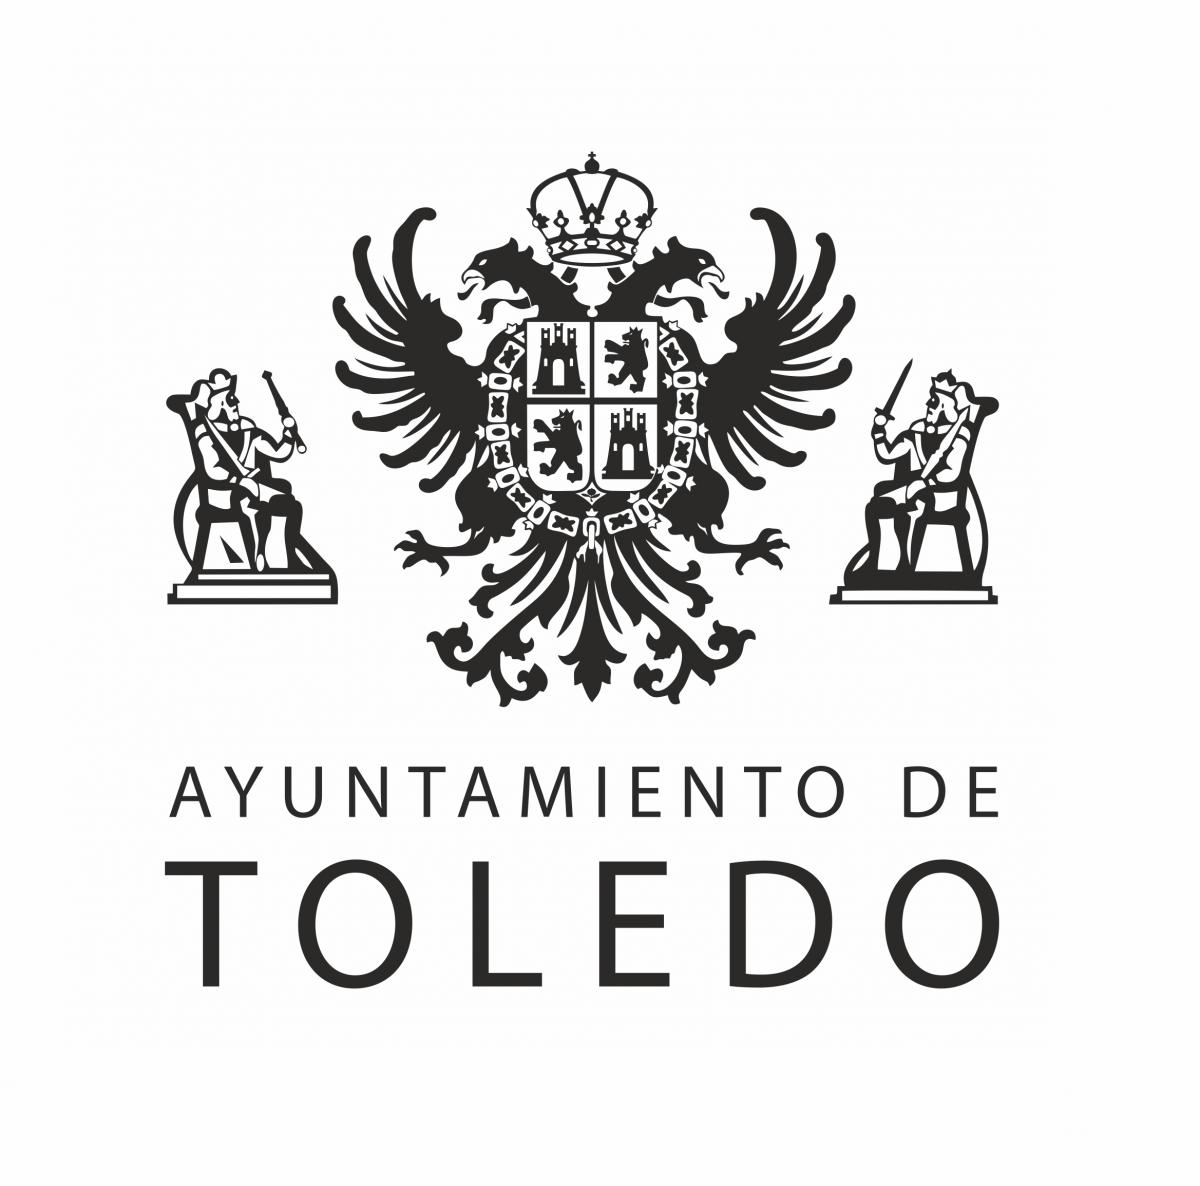 https://www.toledo.es/wp-content/uploads/2020/11/escudo-ayuntamiento-de-toledo-cuadrado-1200x1186.png. Toledo se suma este sábado con el 'apagón' de sus fuentes y monumentos a la iniciativa mundial 'La Hora del Planeta'